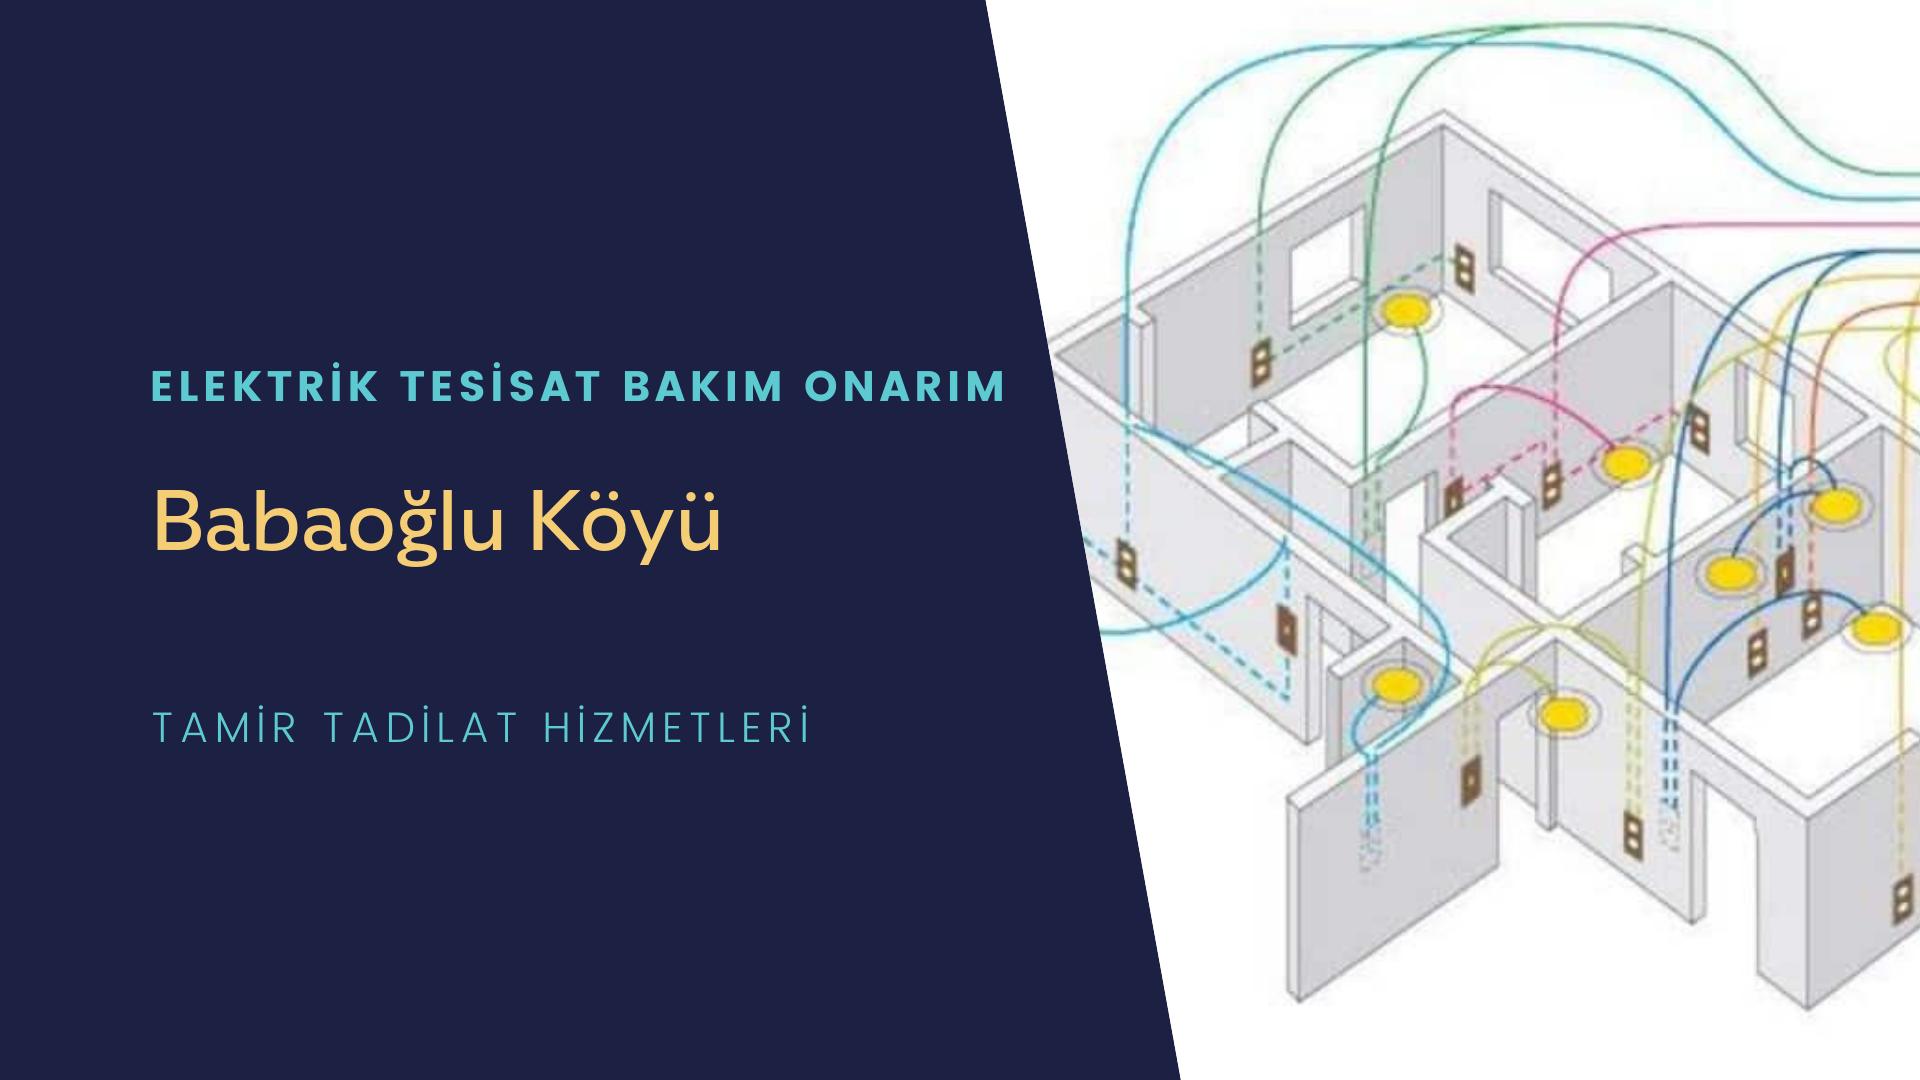 Babaoğlu Köyü  elektrik tesisatıustalarımı arıyorsunuz doğru adrestenizi Babaoğlu Köyü elektrik tesisatı ustalarımız 7/24 sizlere hizmet vermekten mutluluk duyar.